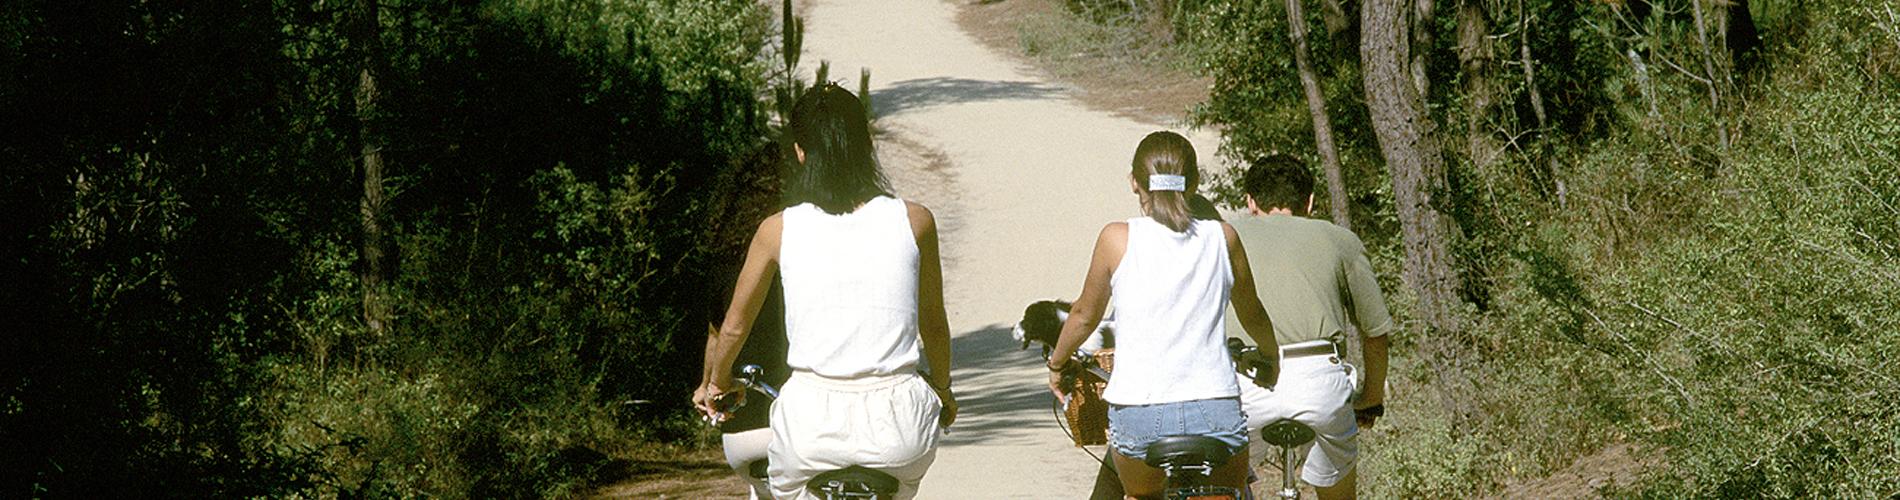 balade en vélo en Vendée